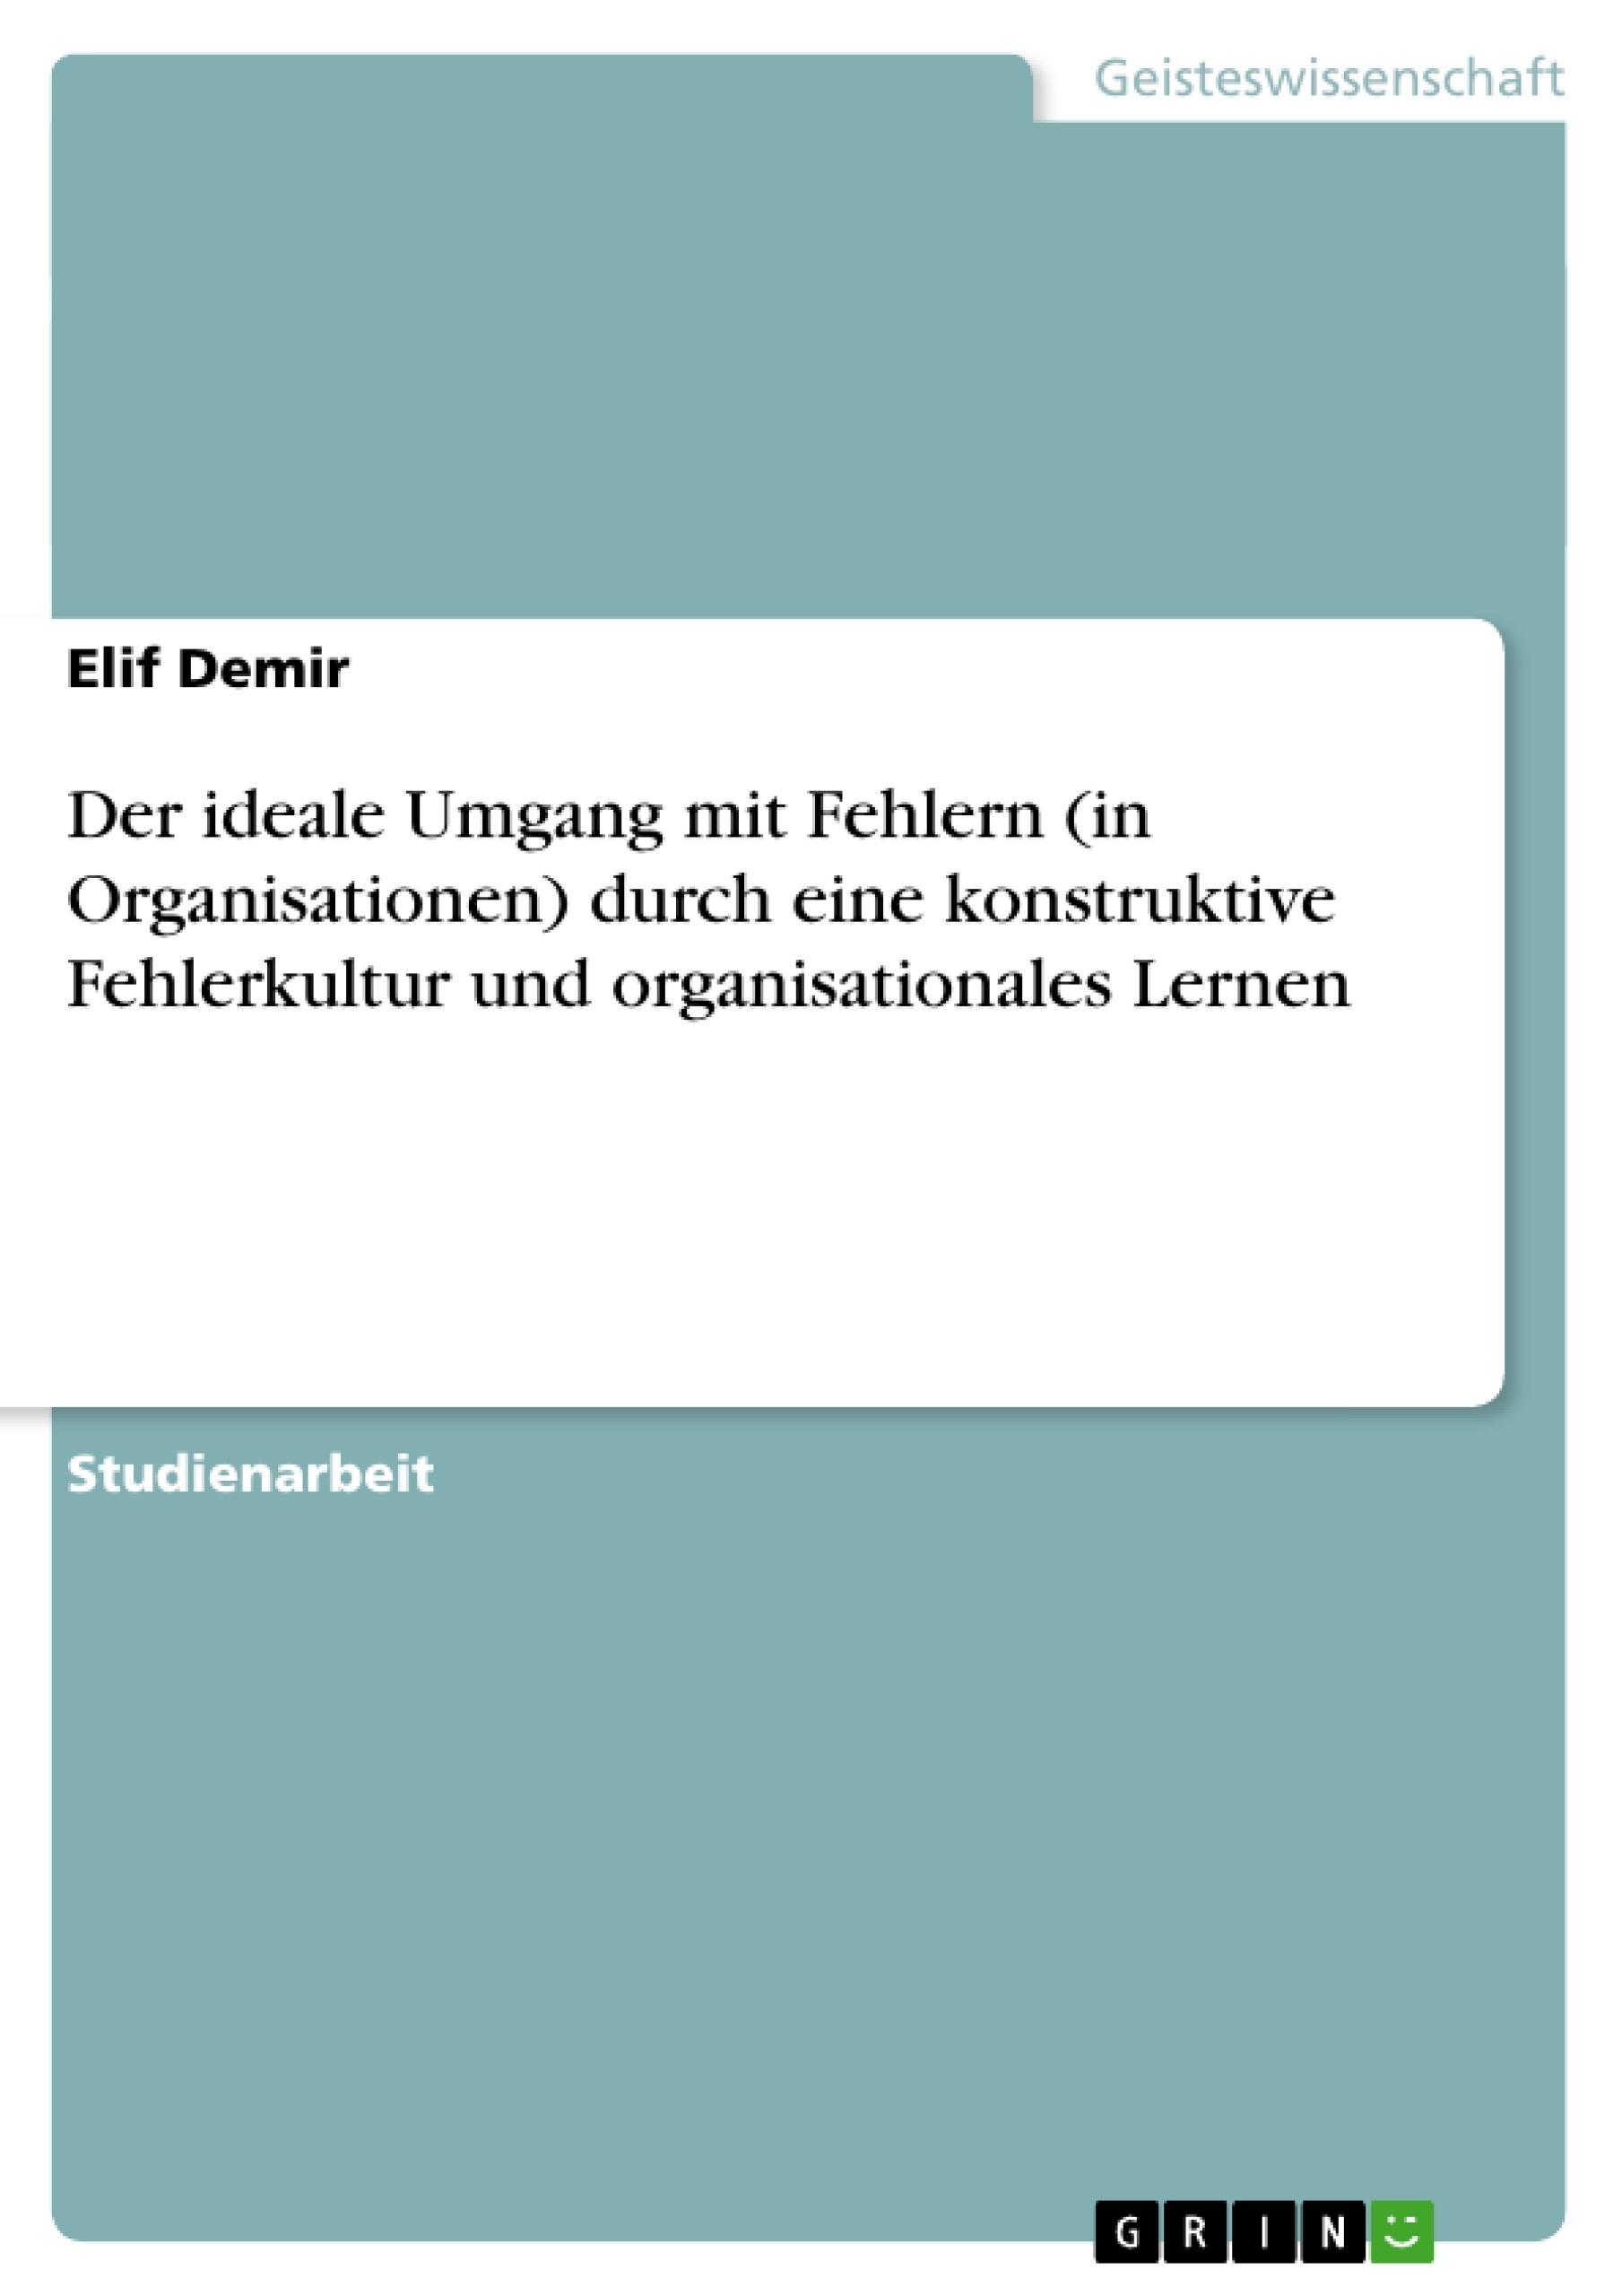 Titel: Der ideale Umgang mit Fehlern (in Organisationen) durch eine konstruktive Fehlerkultur und organisationales Lernen